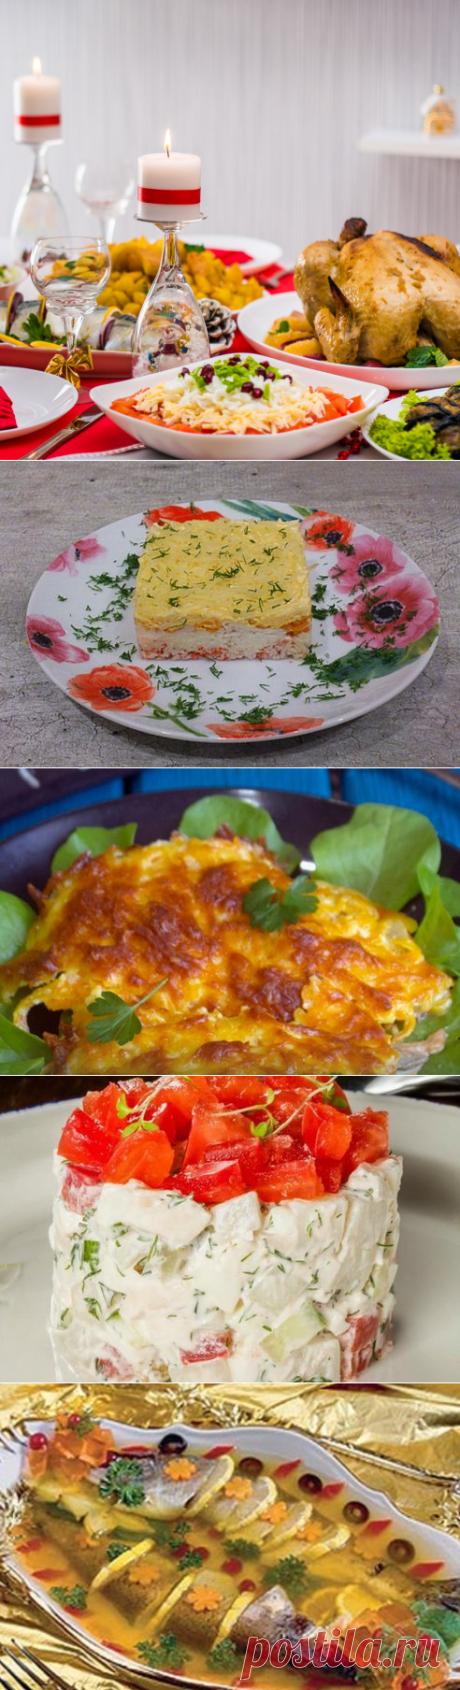 Новогоднее праздничное меню из 12 блюд рецепт с фото